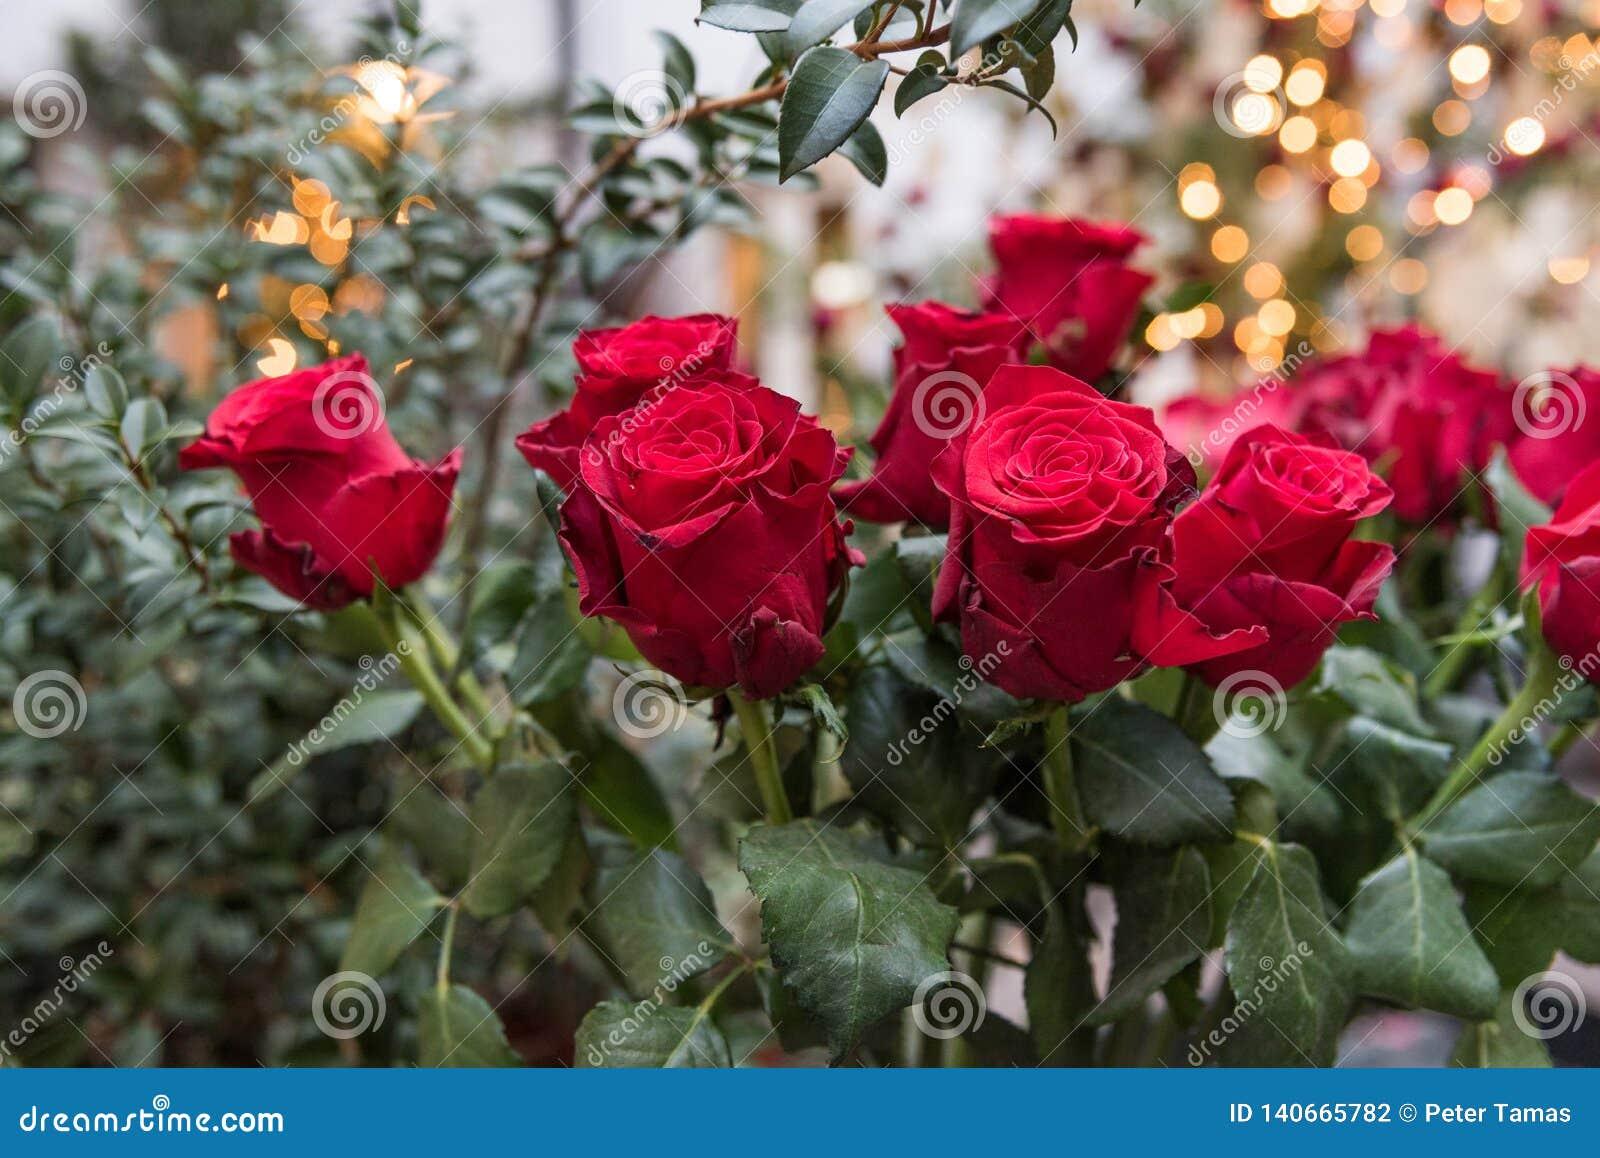 Un bouquet des roses rouges